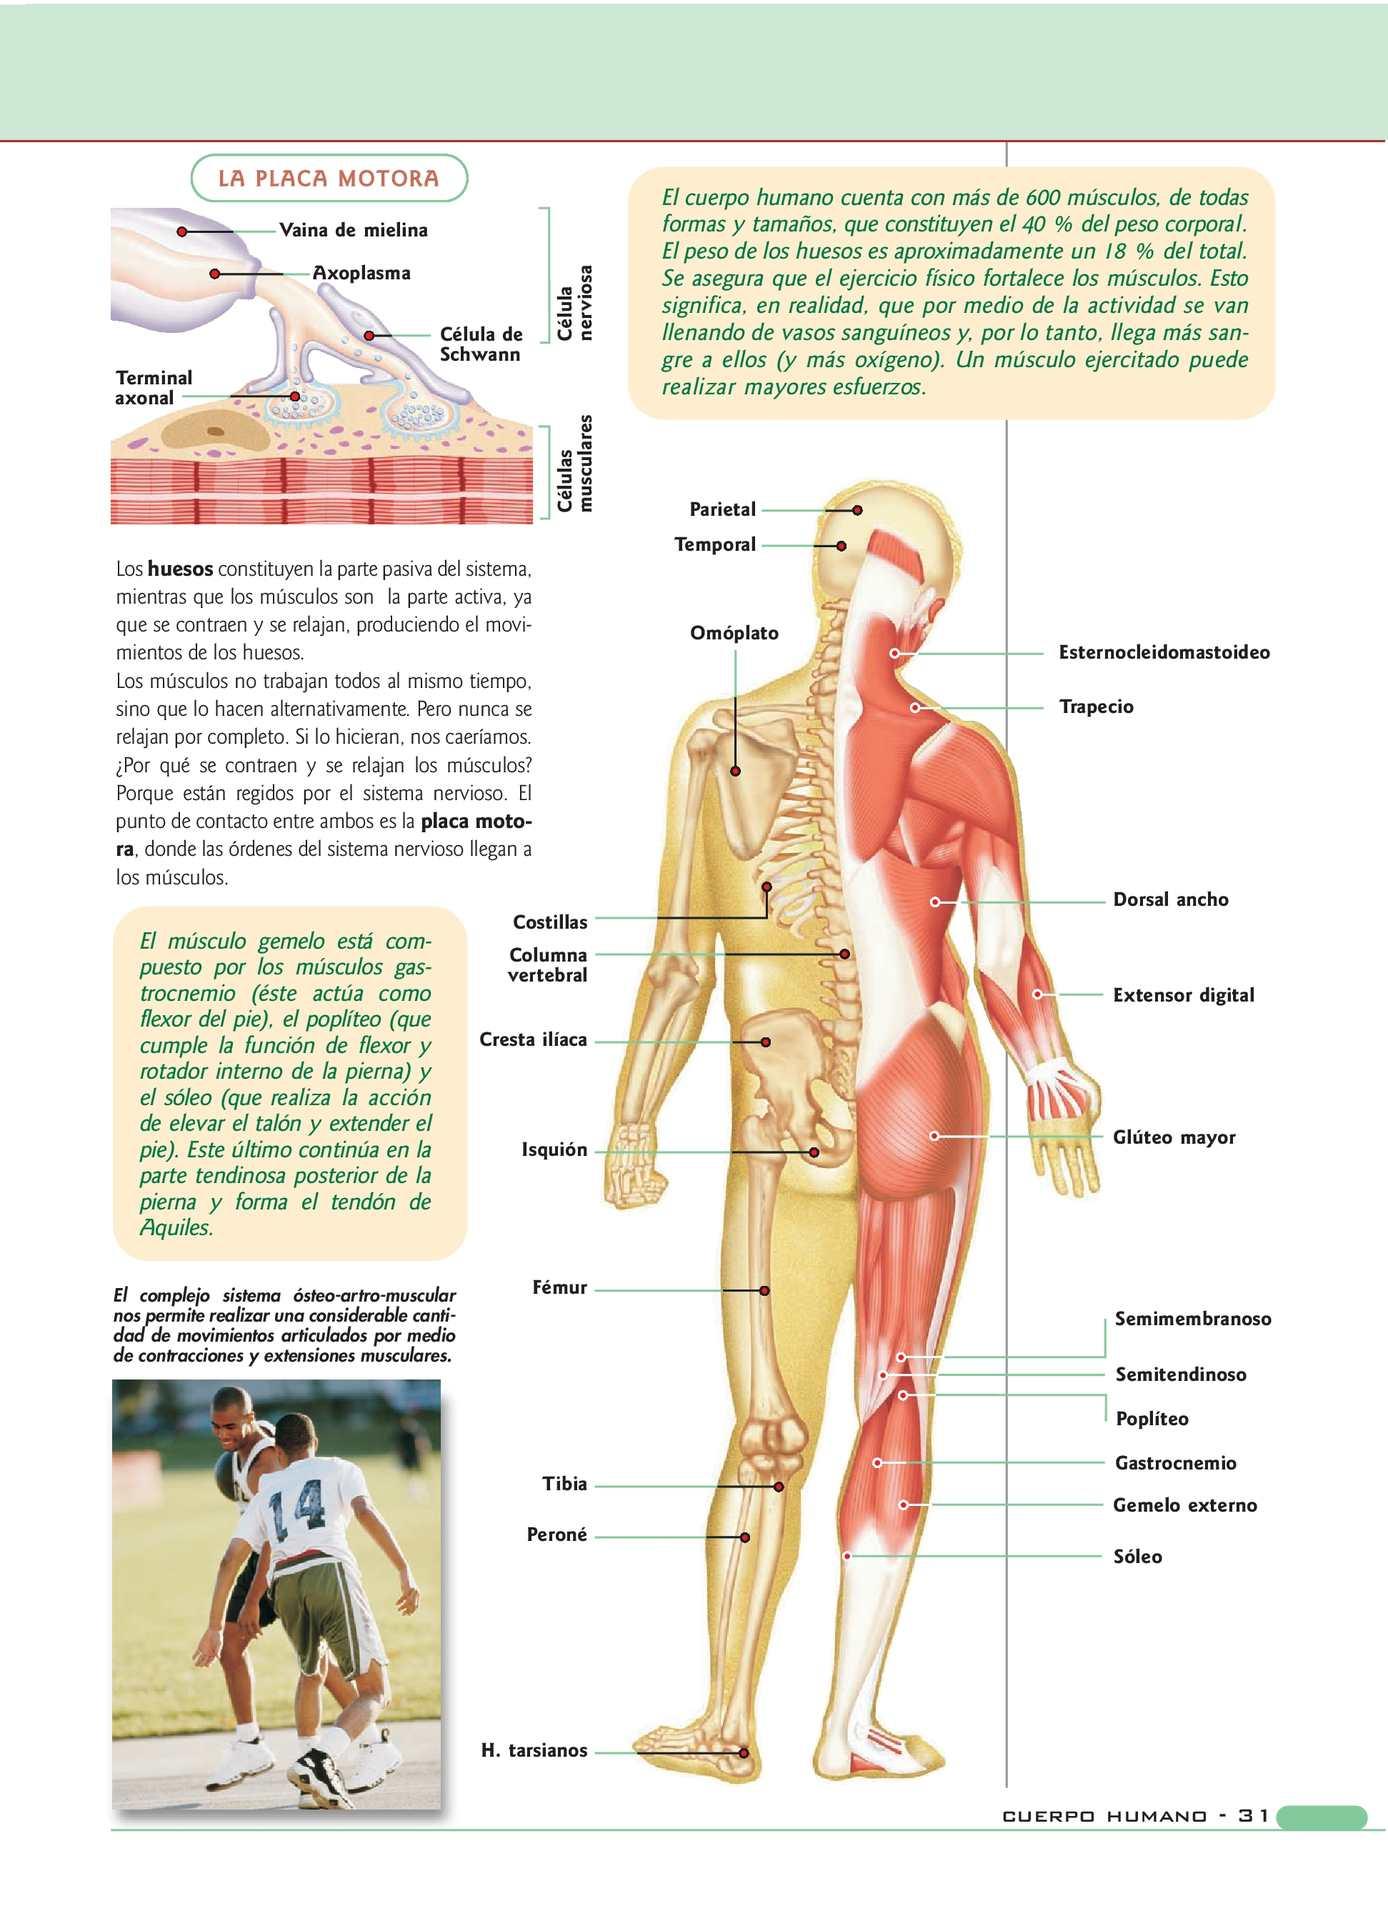 Excepcional Parte Dorsal Fotos - Imágenes de Anatomía Humana ...